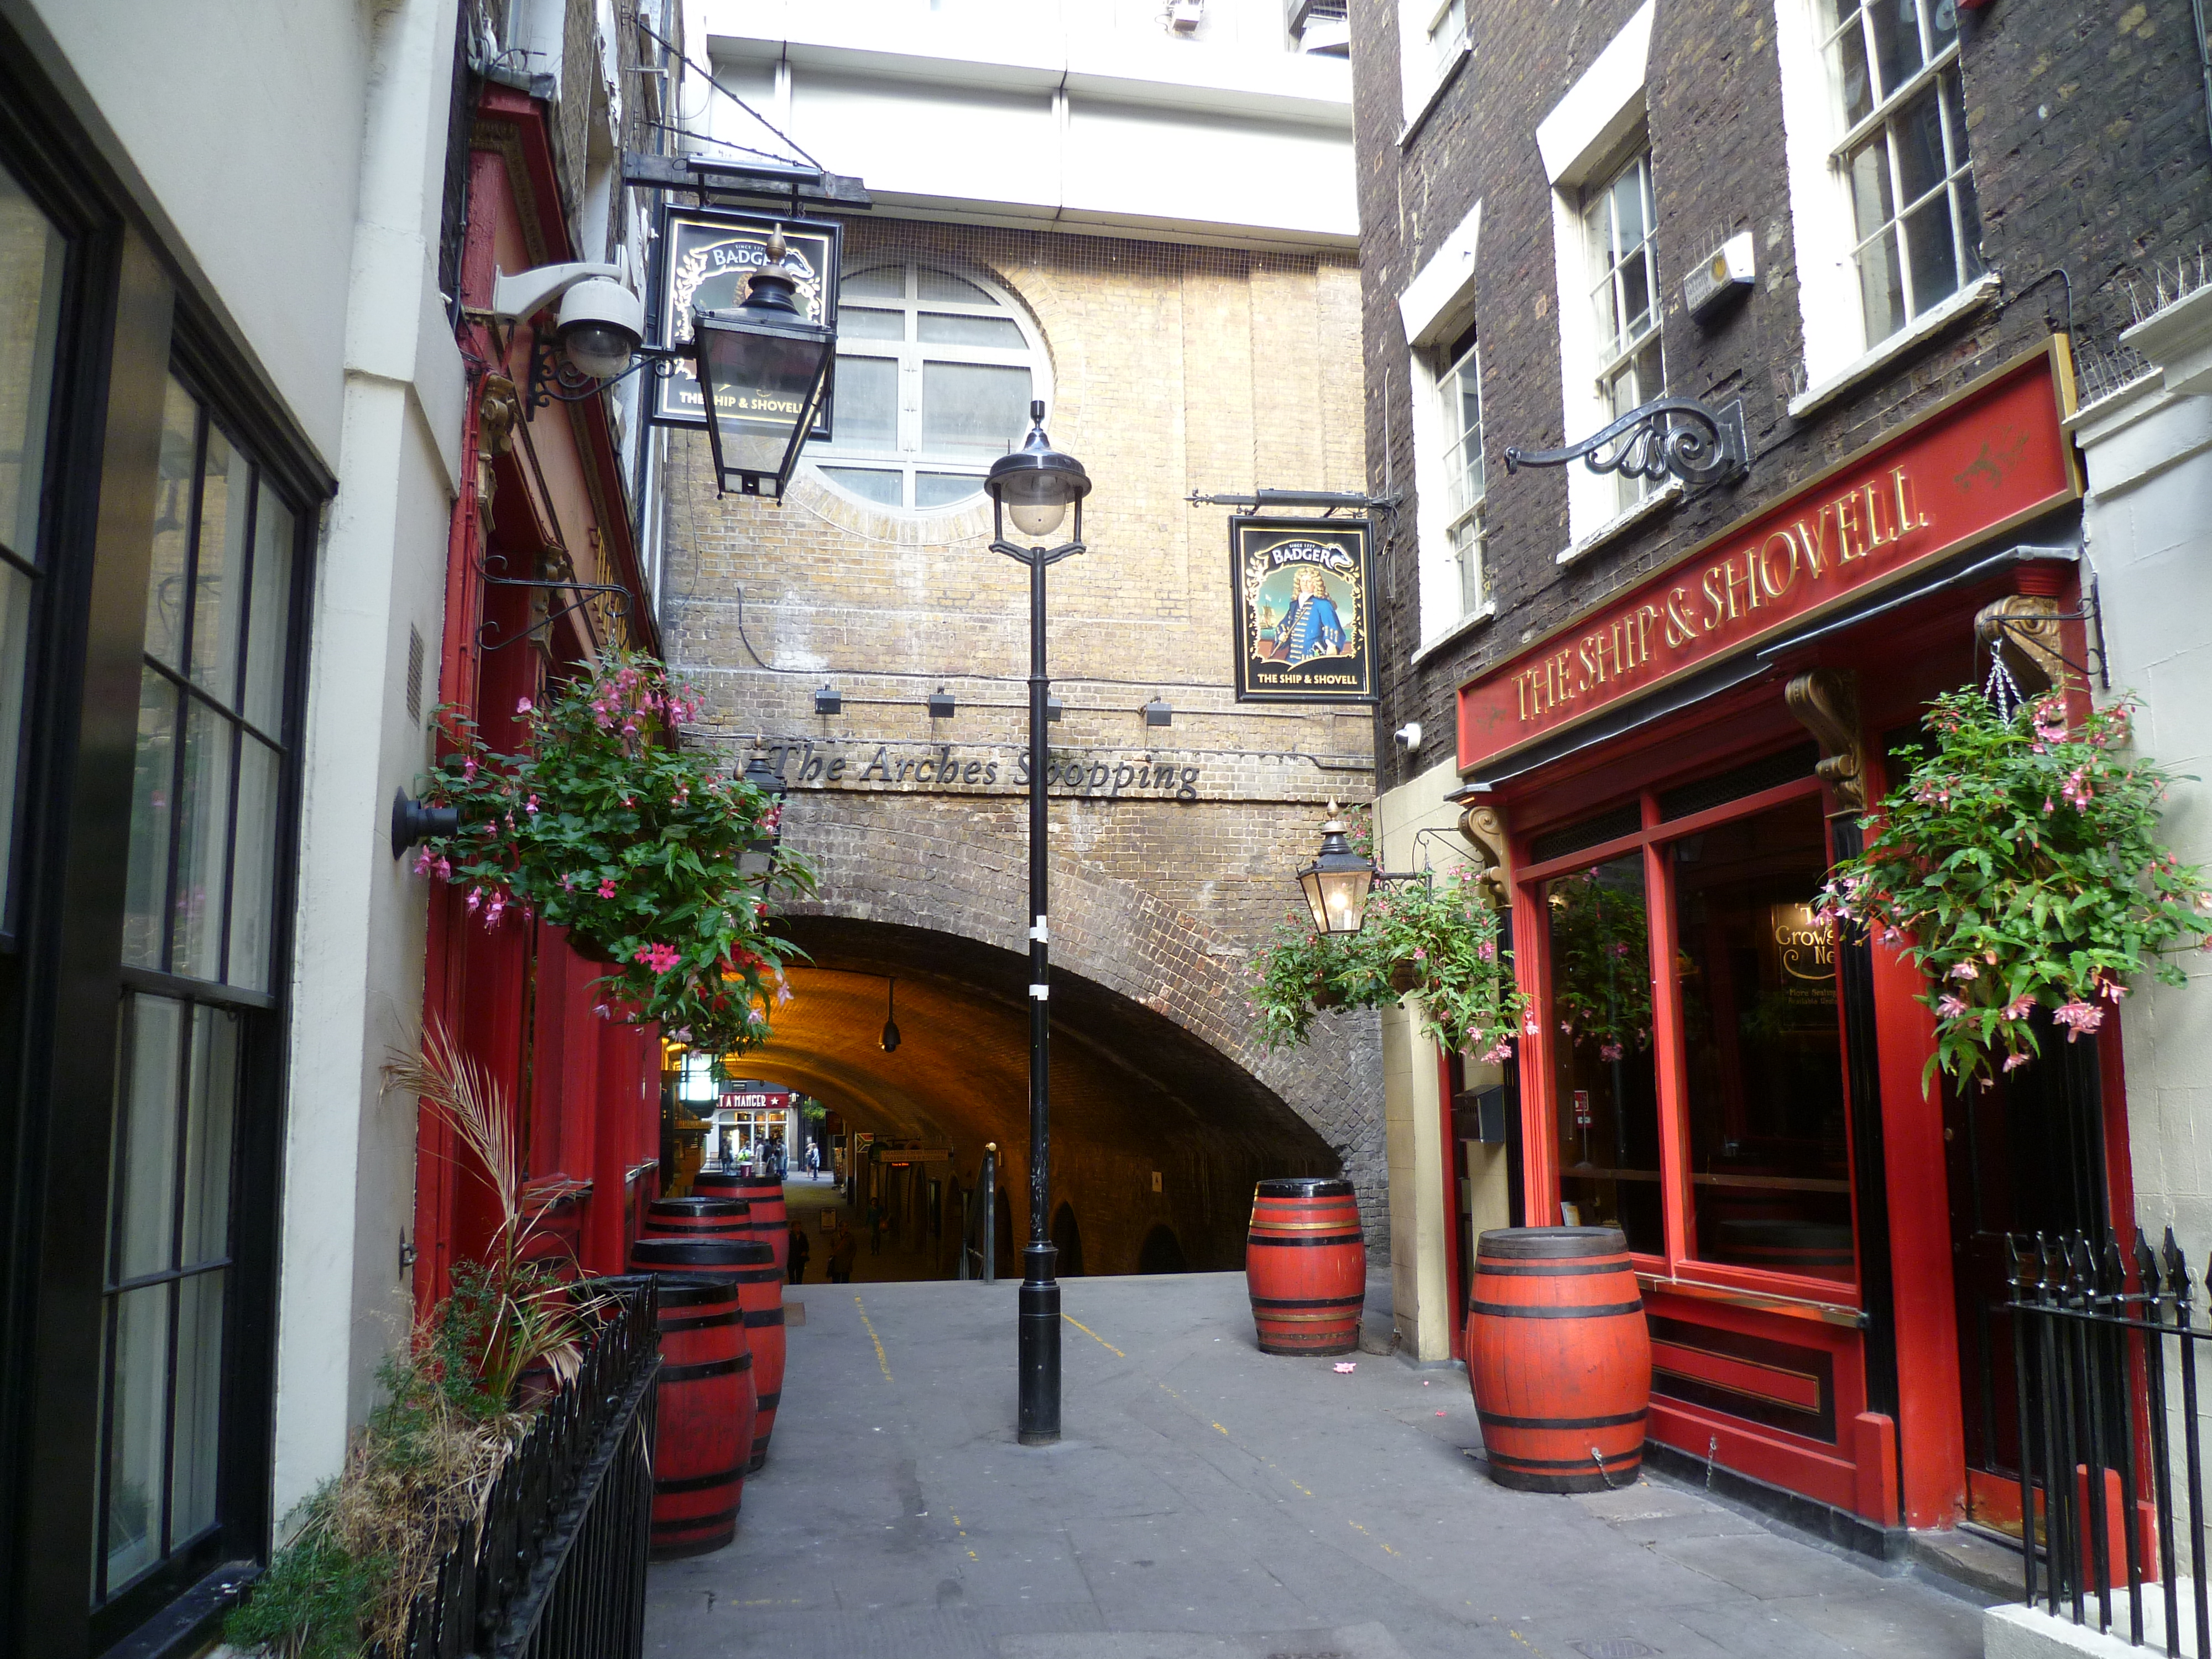 Craven Passage%2C The Ship and Shovell pub